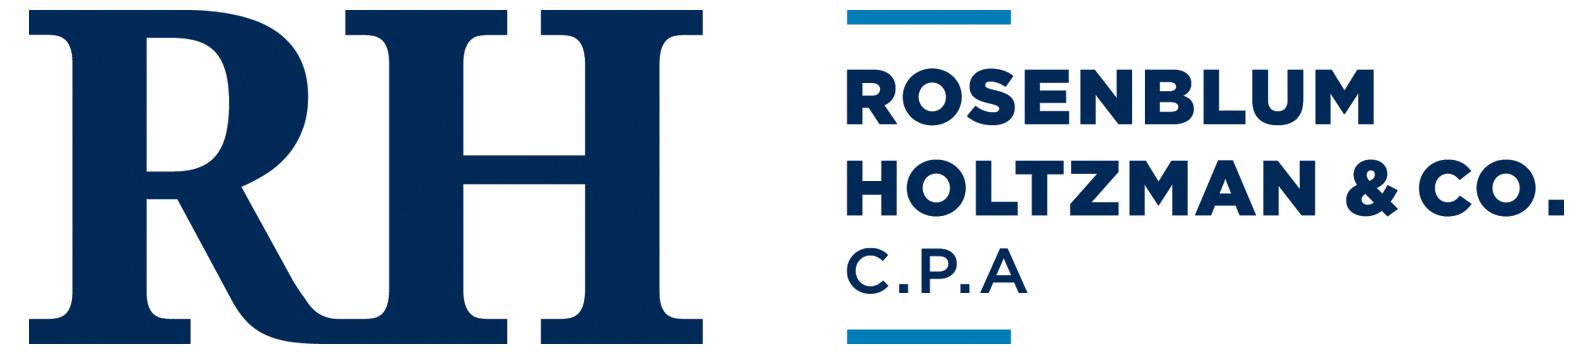 Rosenblum Holtzman, cpa